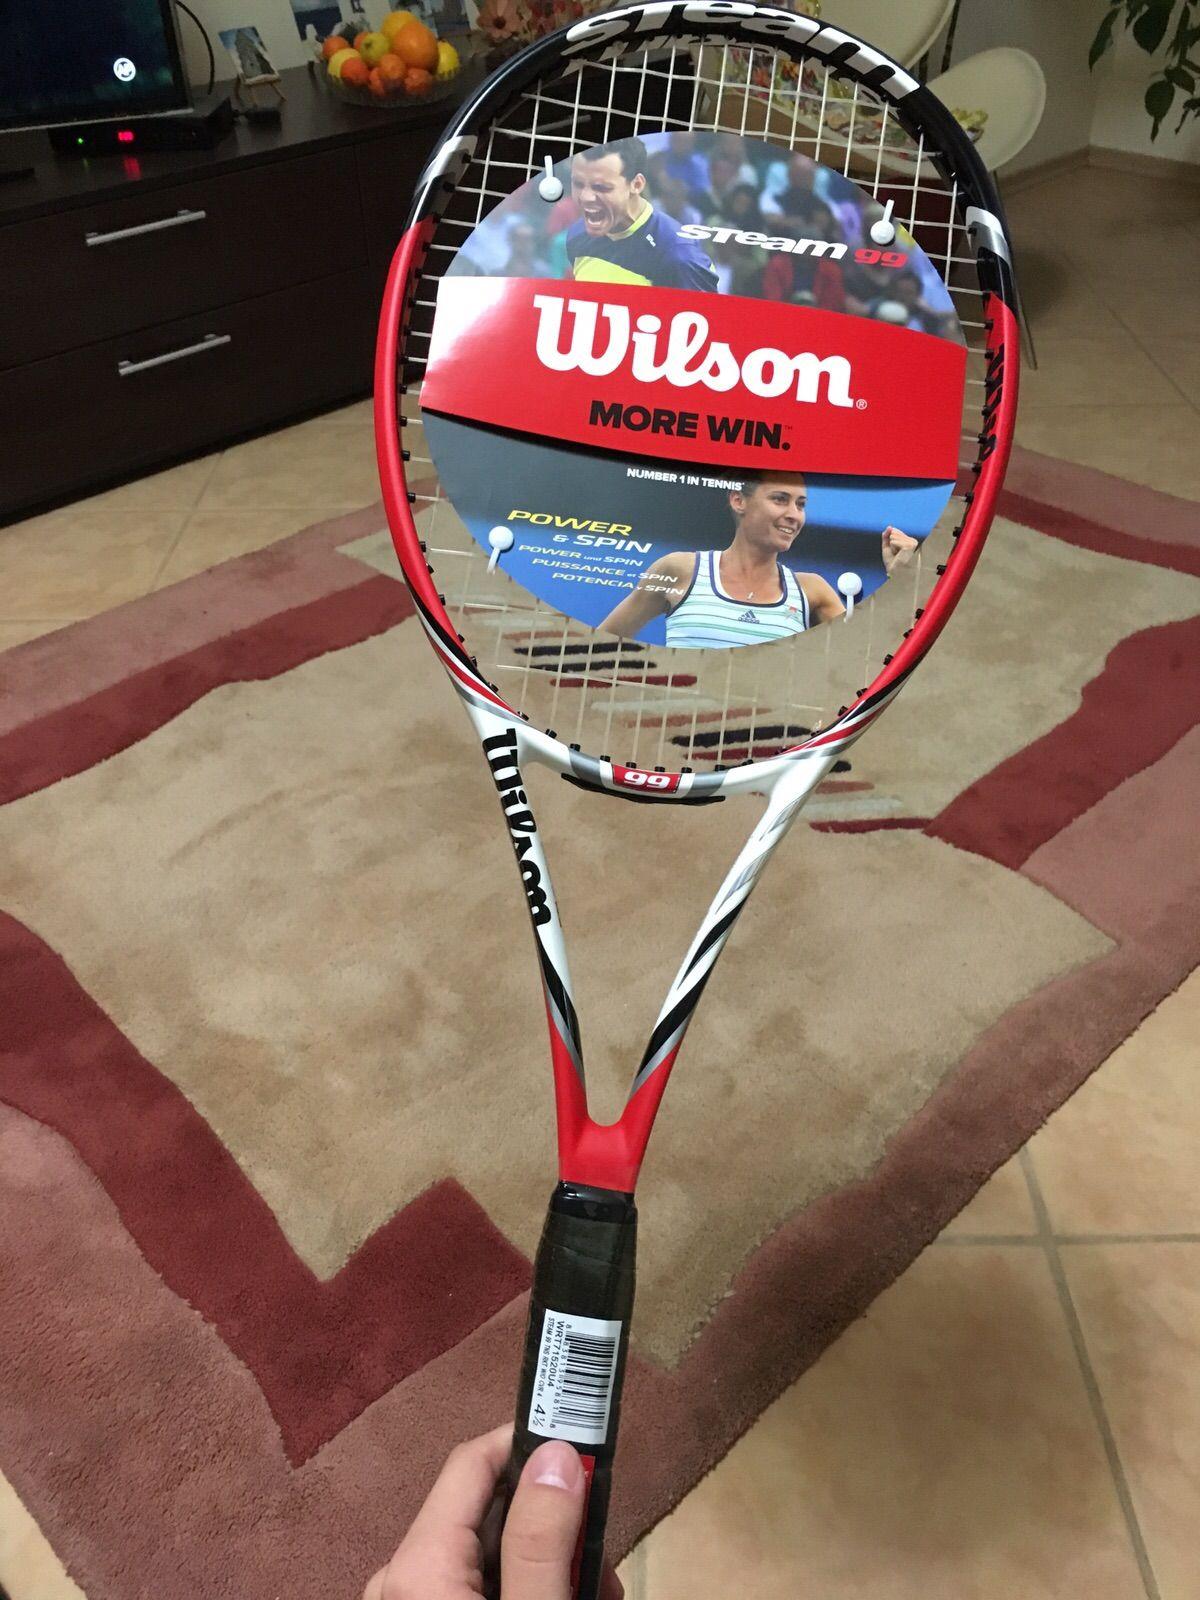 Wilson Steam 99